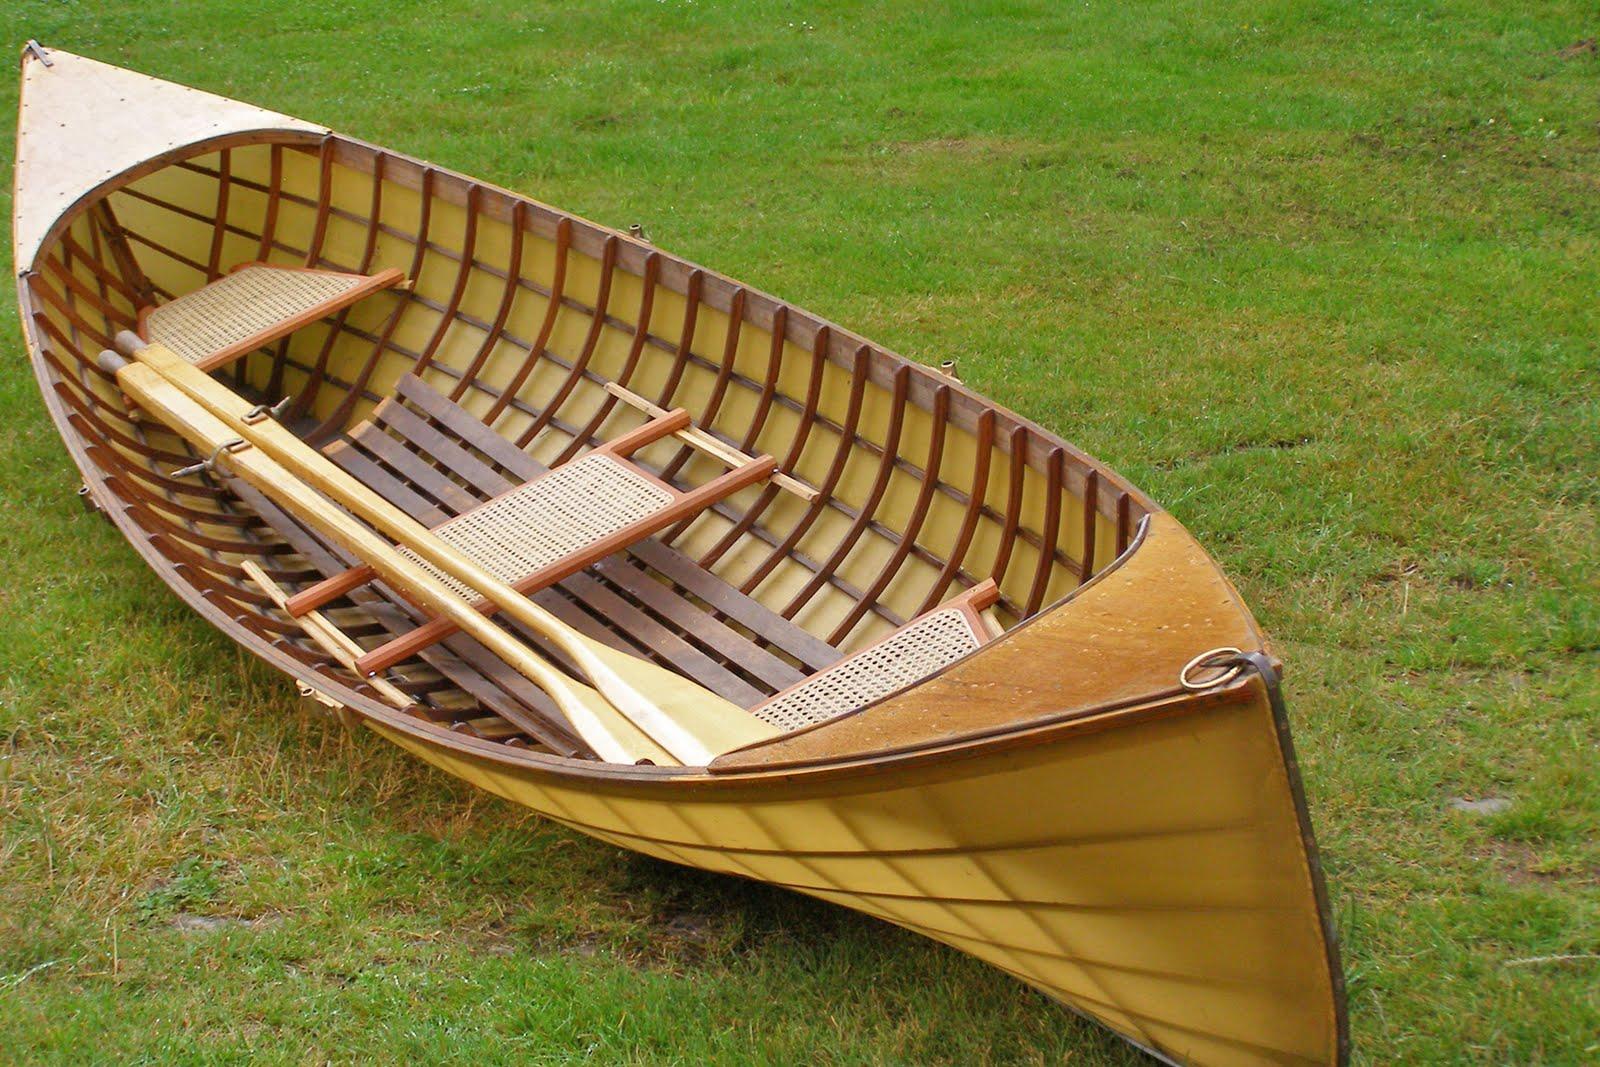 download hydroplane boat plans kits: Juli 2018